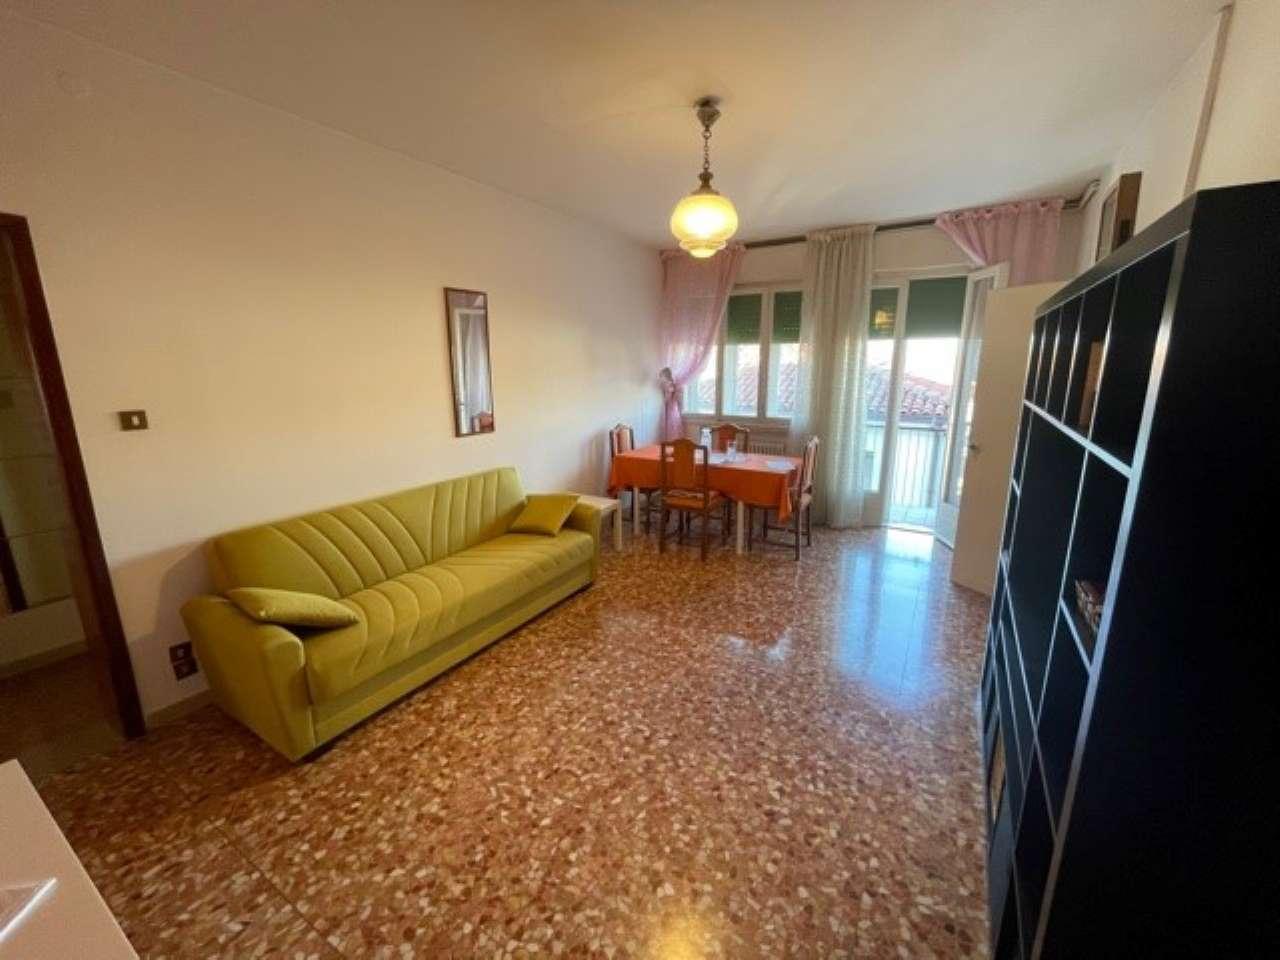 Appartamento in vendita a Padova, 4 locali, zona Nord (Arcella, S.Carlo, Pontevigodarzere), prezzo € 68.000 | PortaleAgenzieImmobiliari.it